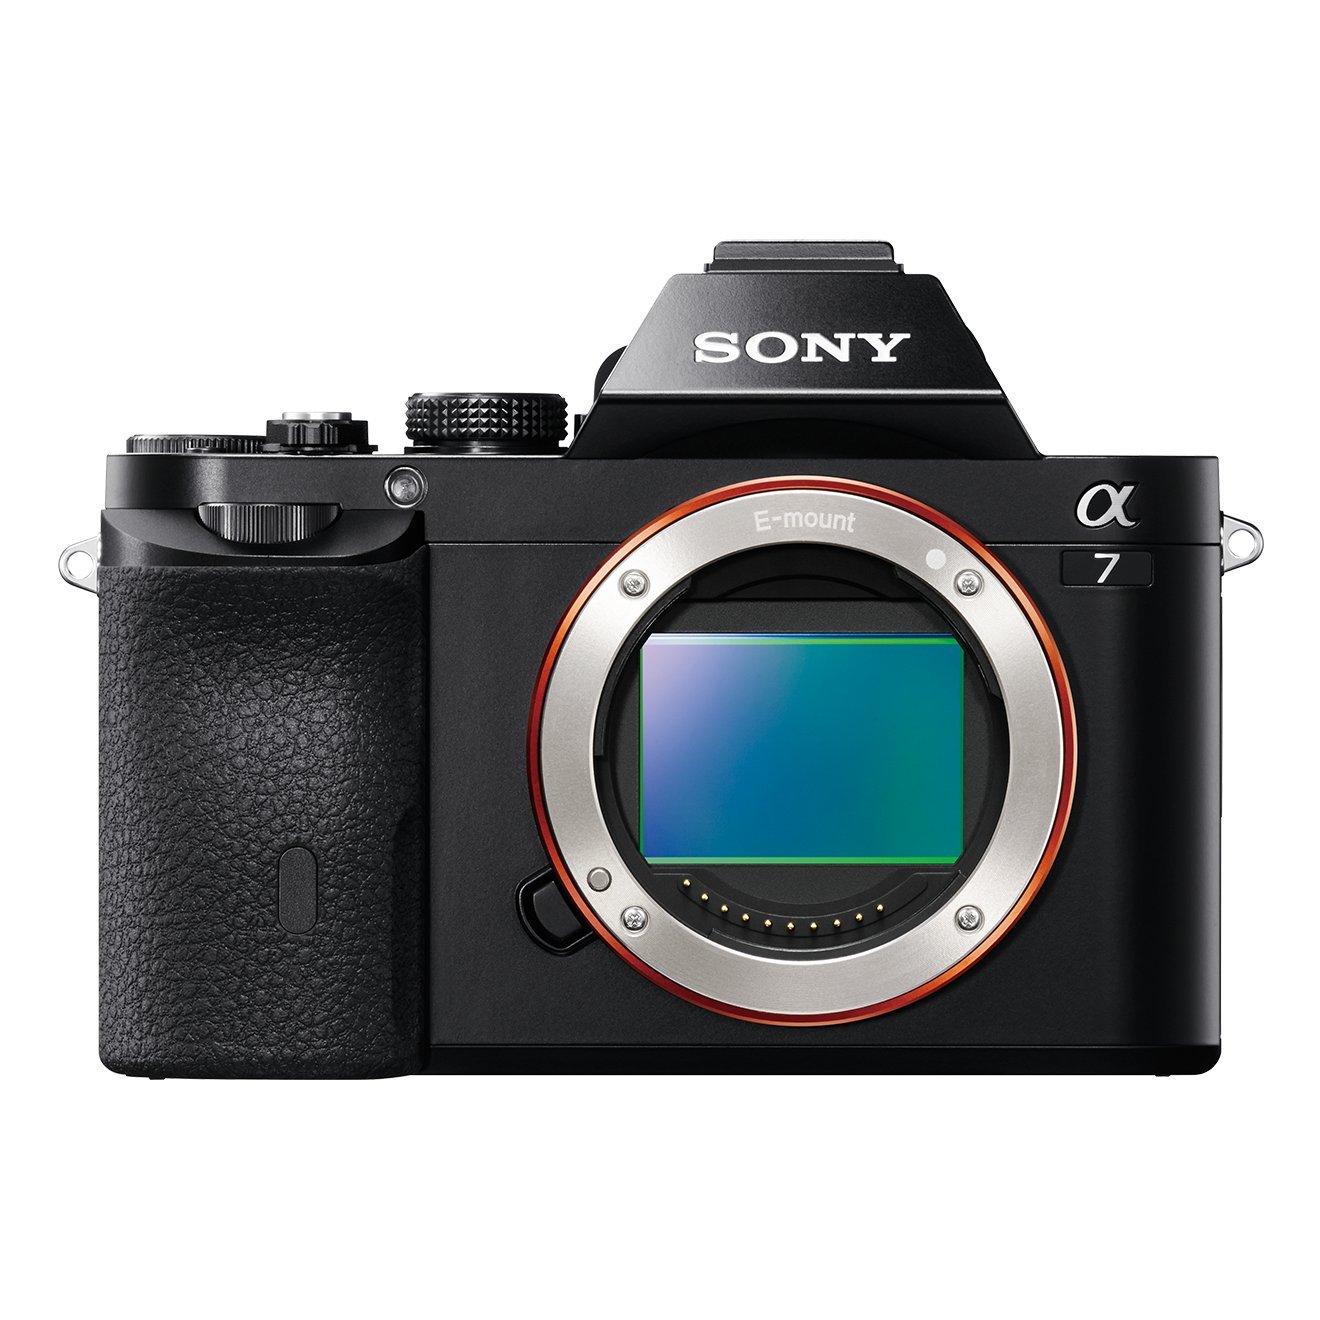 Sony Alpha 7 Fotocamera Digitale Compatta con Obiettivo Intercambiabile, Sensore CMOS Exmor Full-Frame da 24.3 MP, Nero